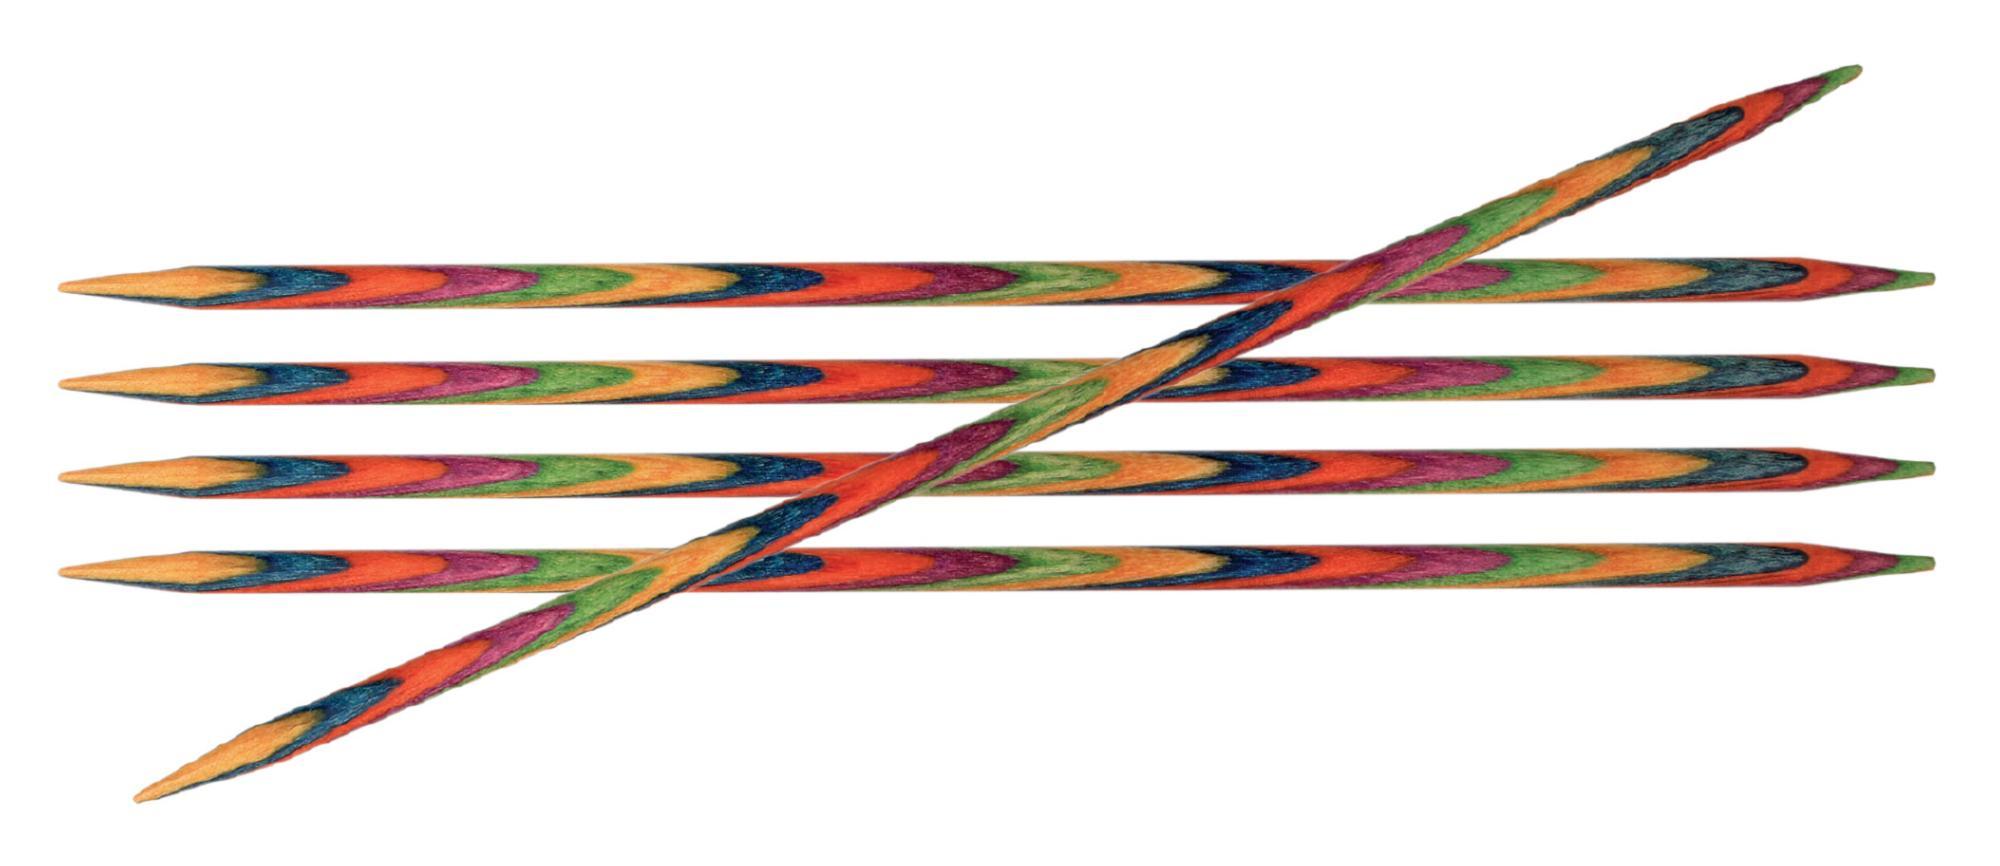 Спицы носочные 20 см Symfonie Wood KnitPro, 20111, 5.00 мм